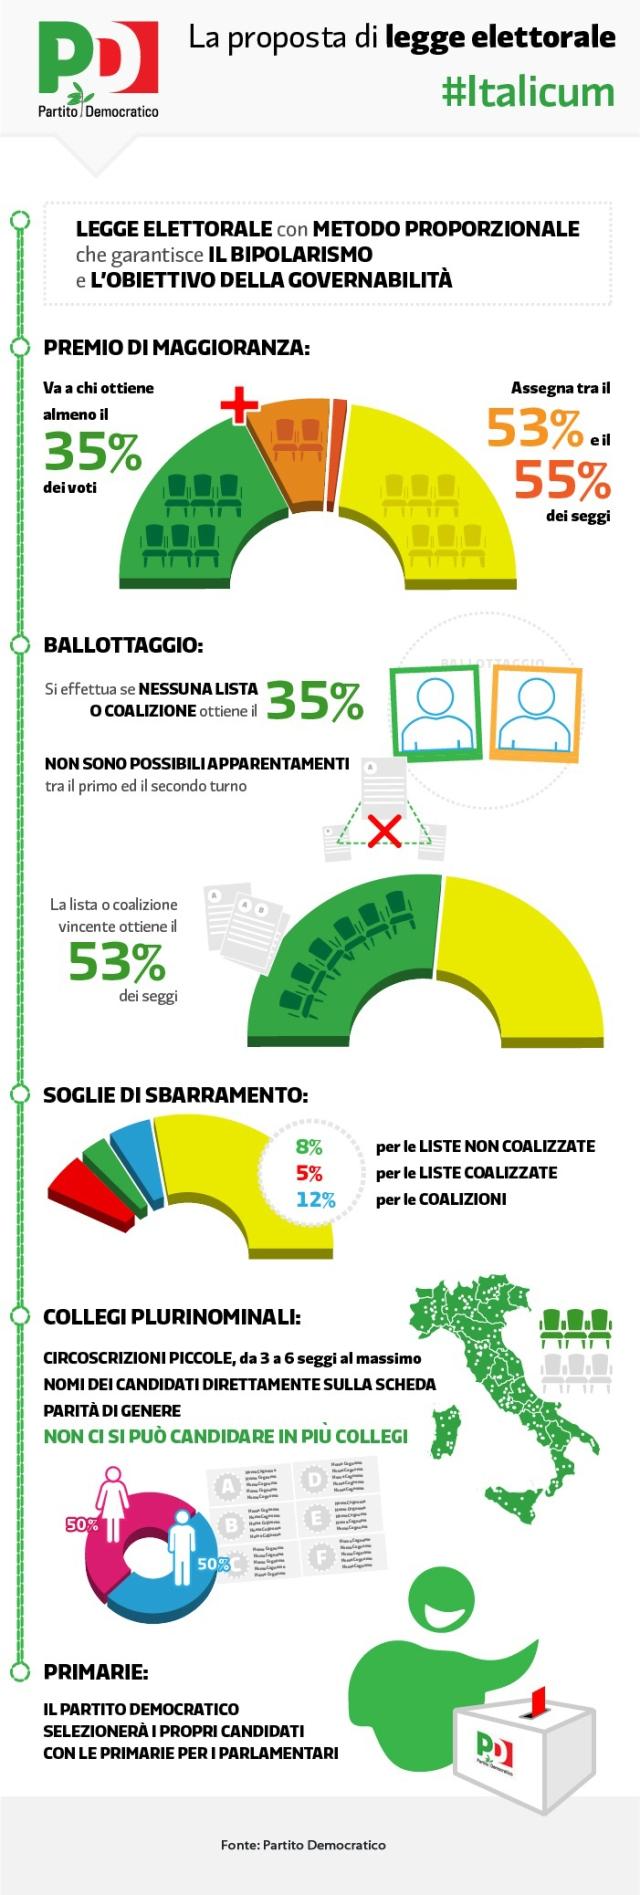 Come funziona la proposta di #leggeelettorale presentata alla Camera in commissione Affari costituzionali. #Italicum